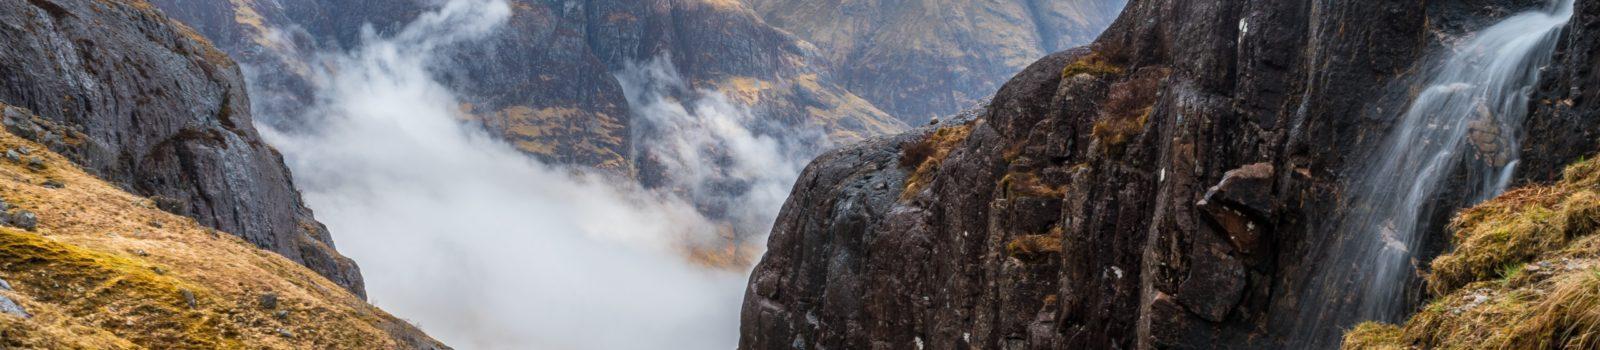 Bergwanderung auf den Stob Coire nan Lochan, 1150 m, Schottland